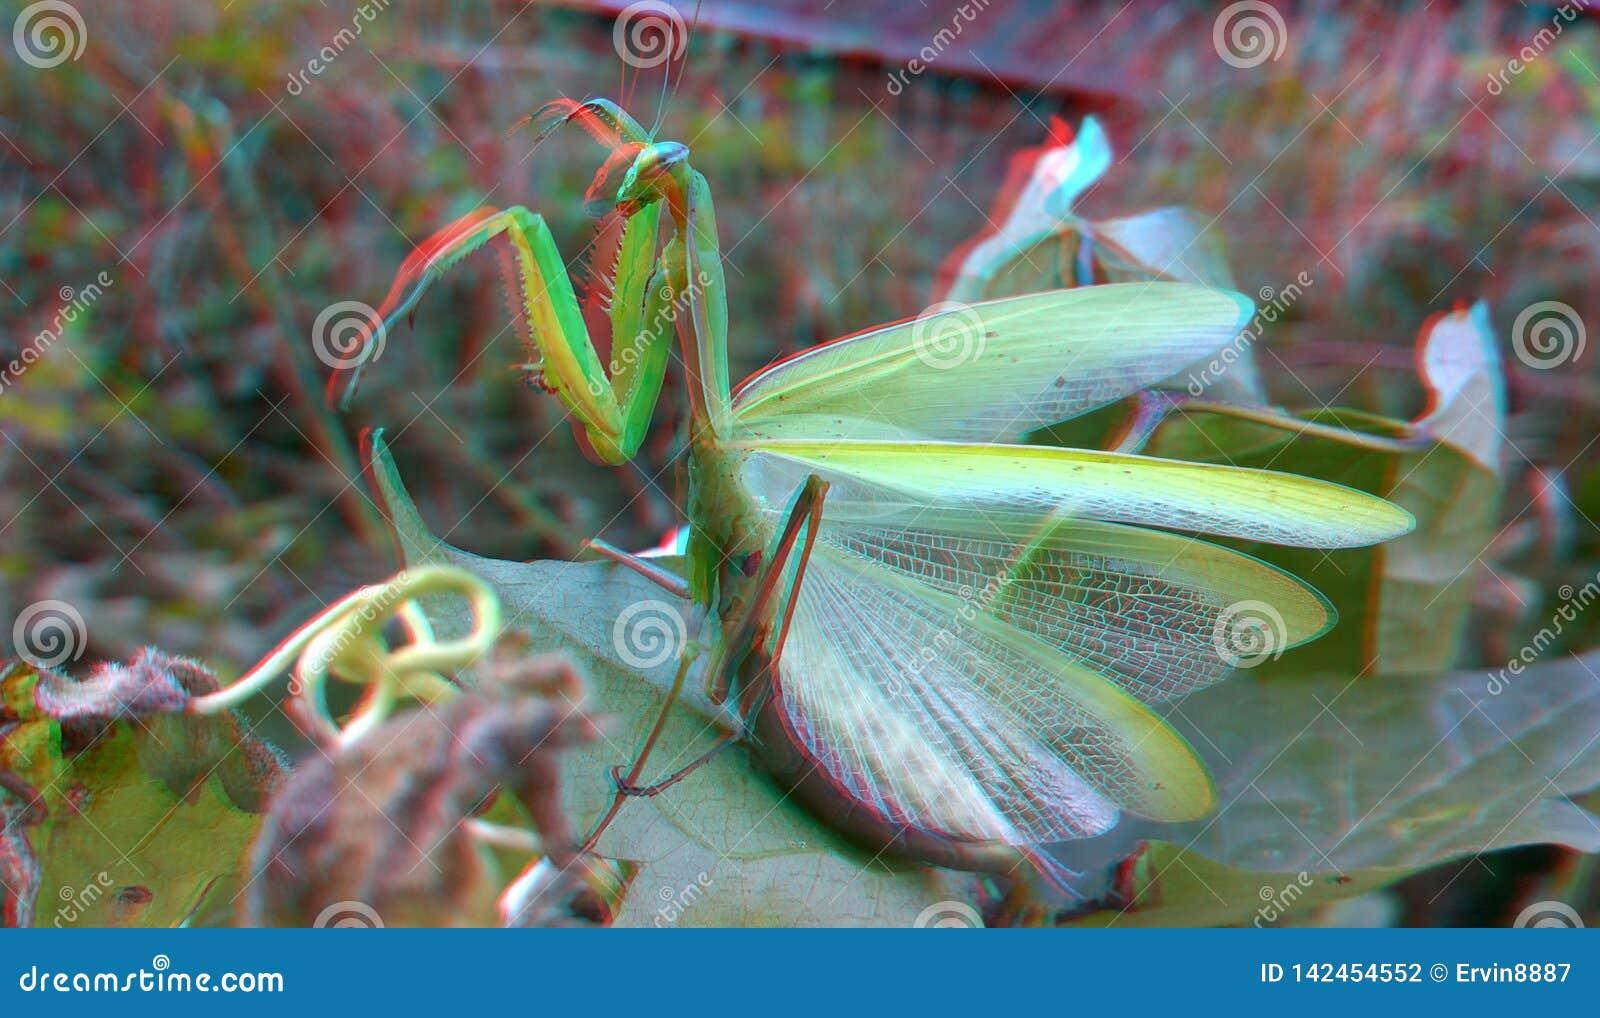 3D,彩色立体图 螳螂,食肉动物的昆虫